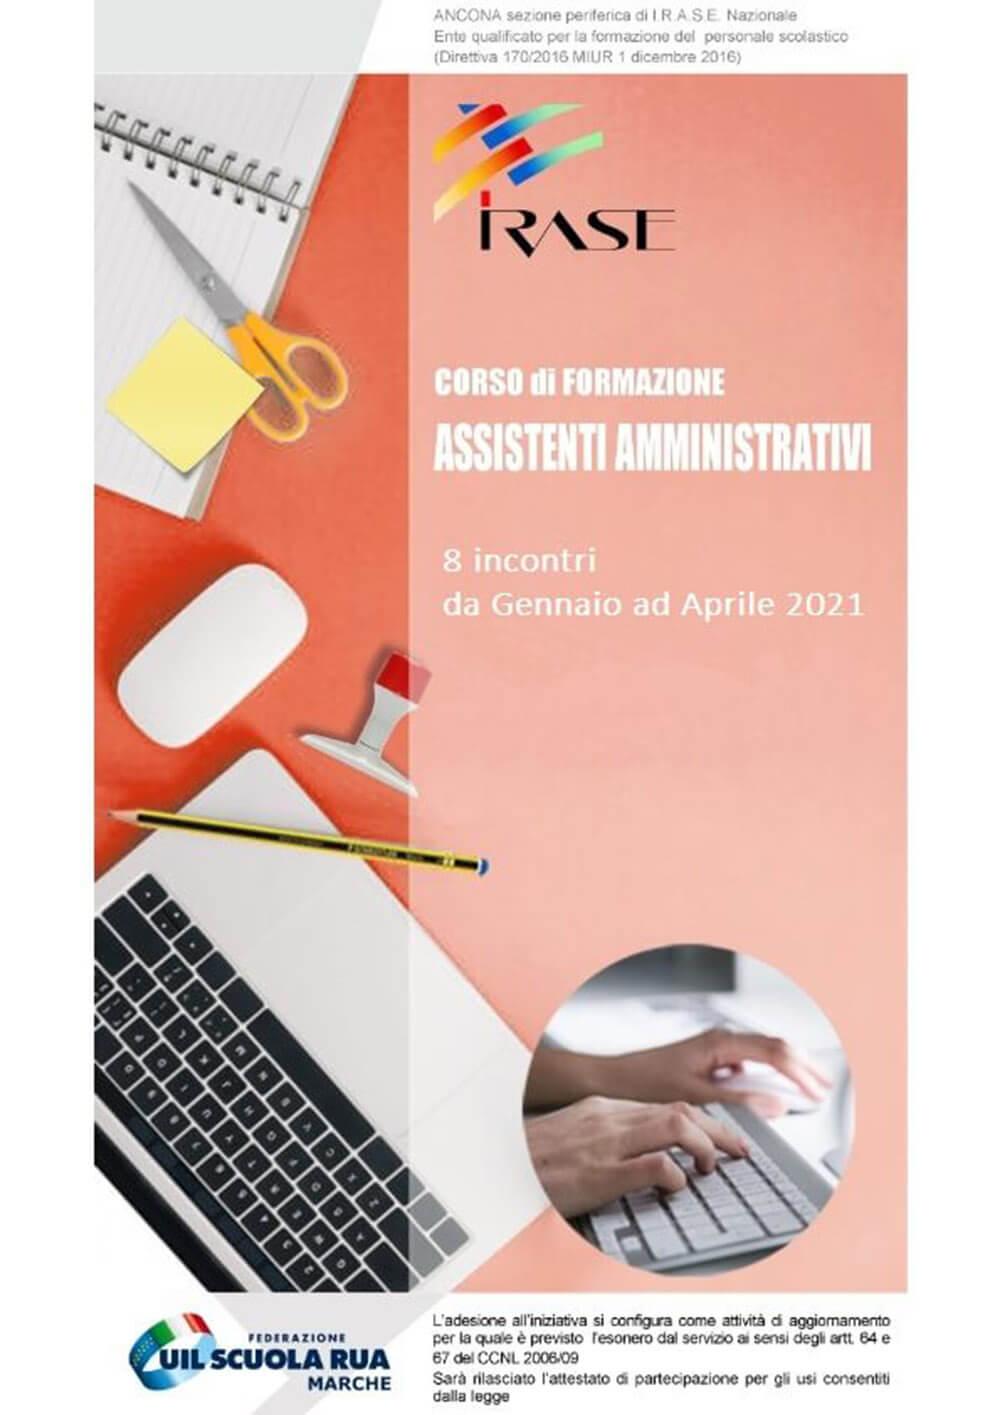 Locandina del Corso Irase di formazione Assistenti Amministrativi